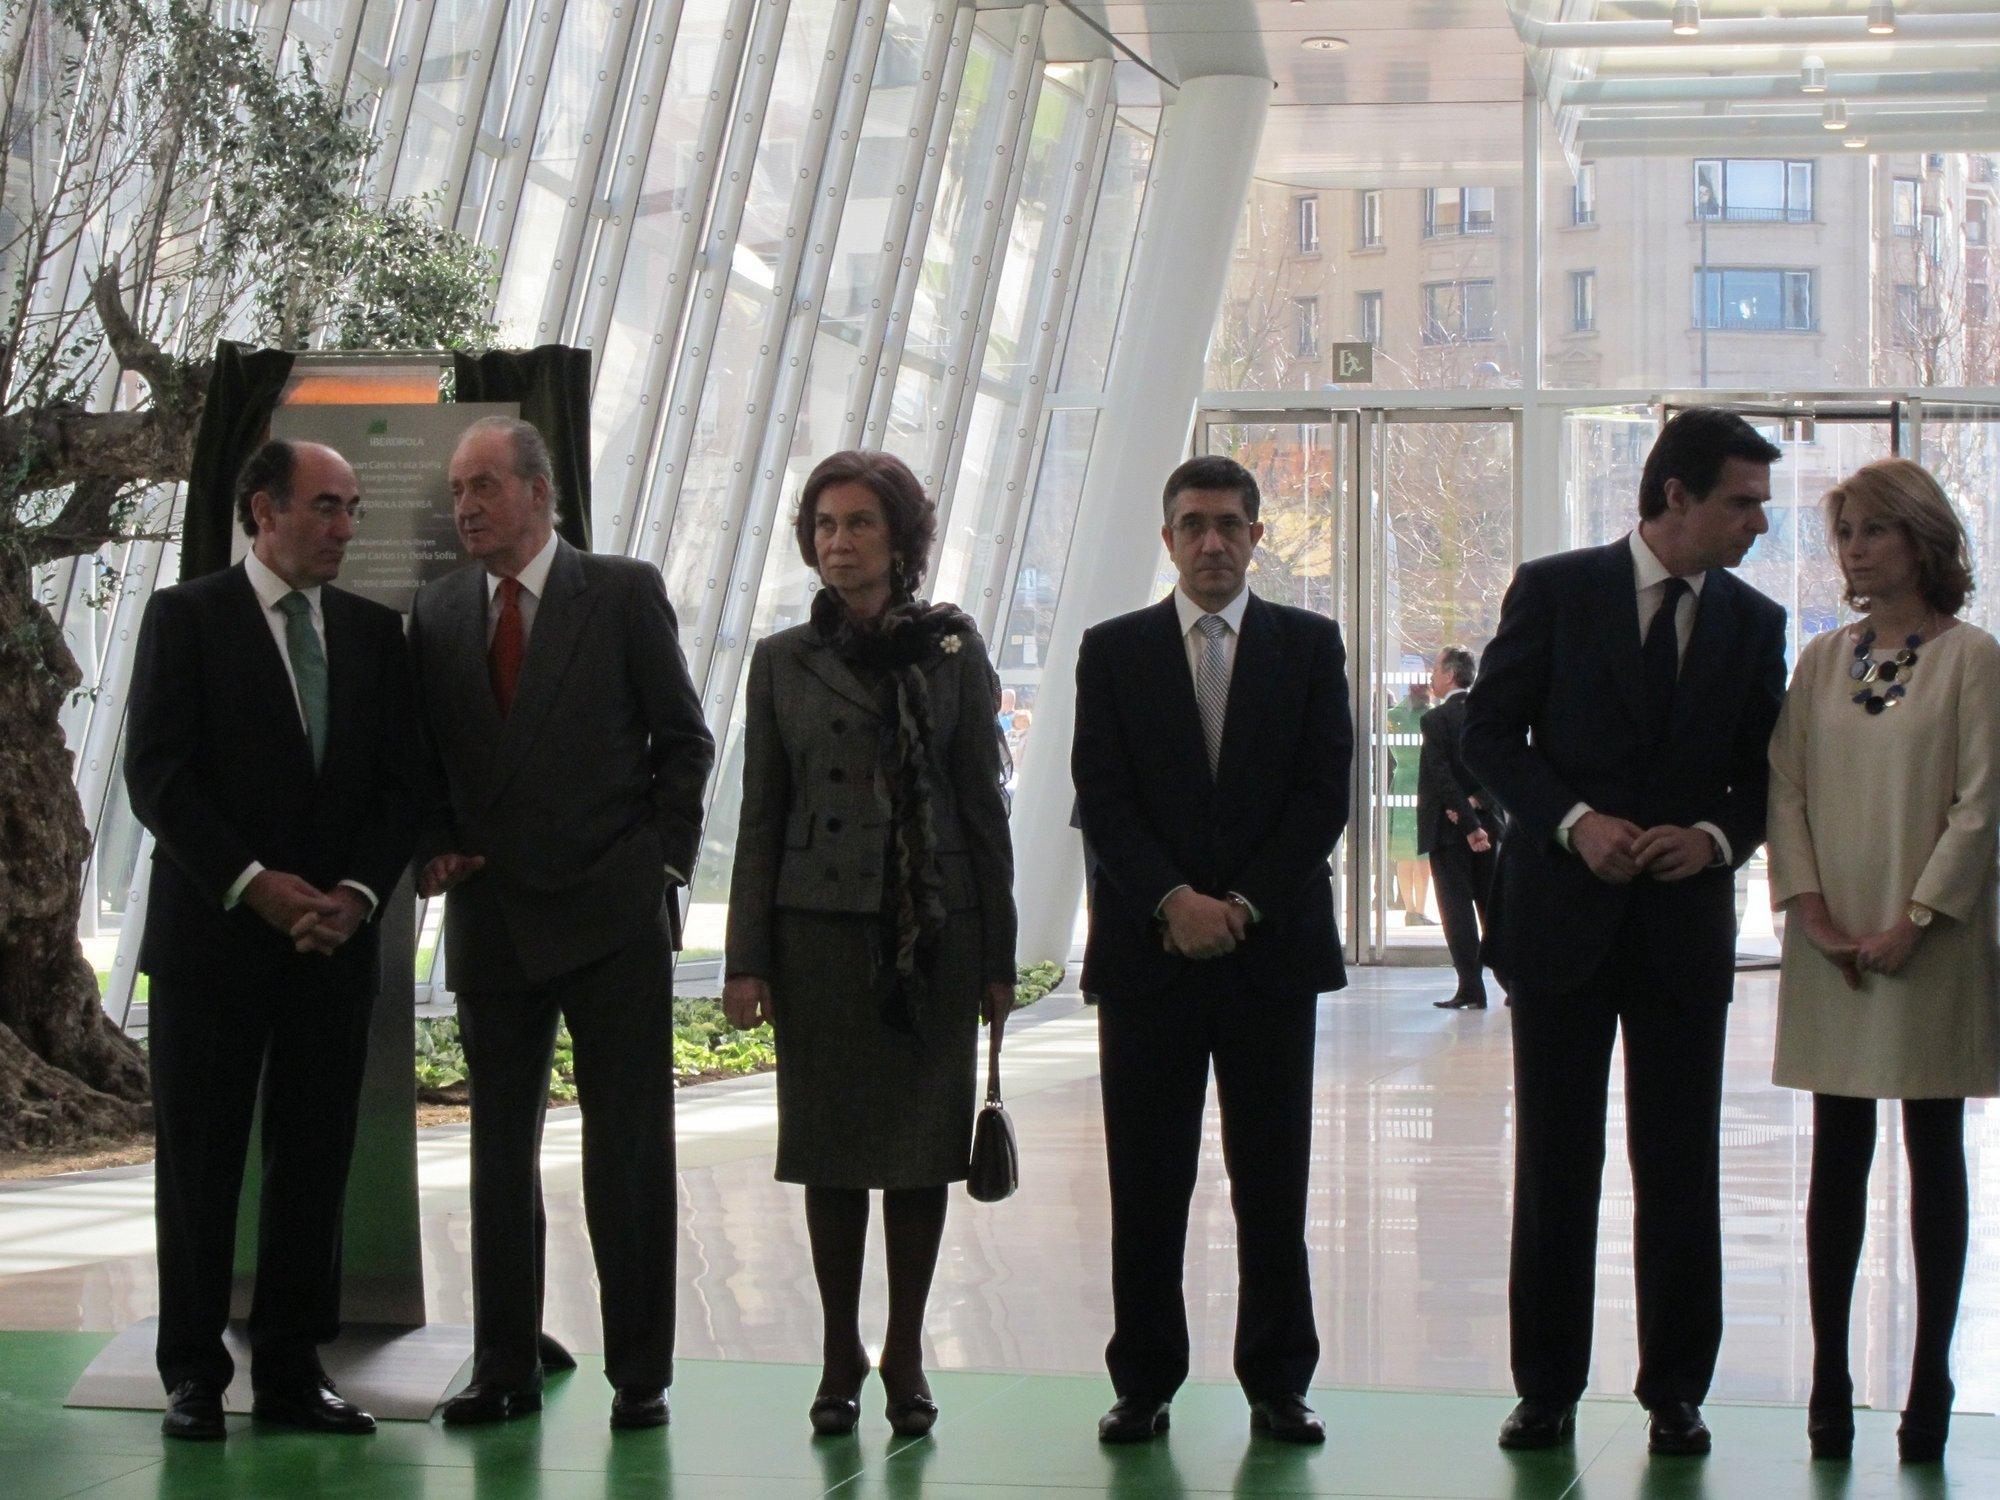 (Ampl.) Los Reyes inauguran la Torre Iberdrola en Bilbao, nueva sede social la compañía